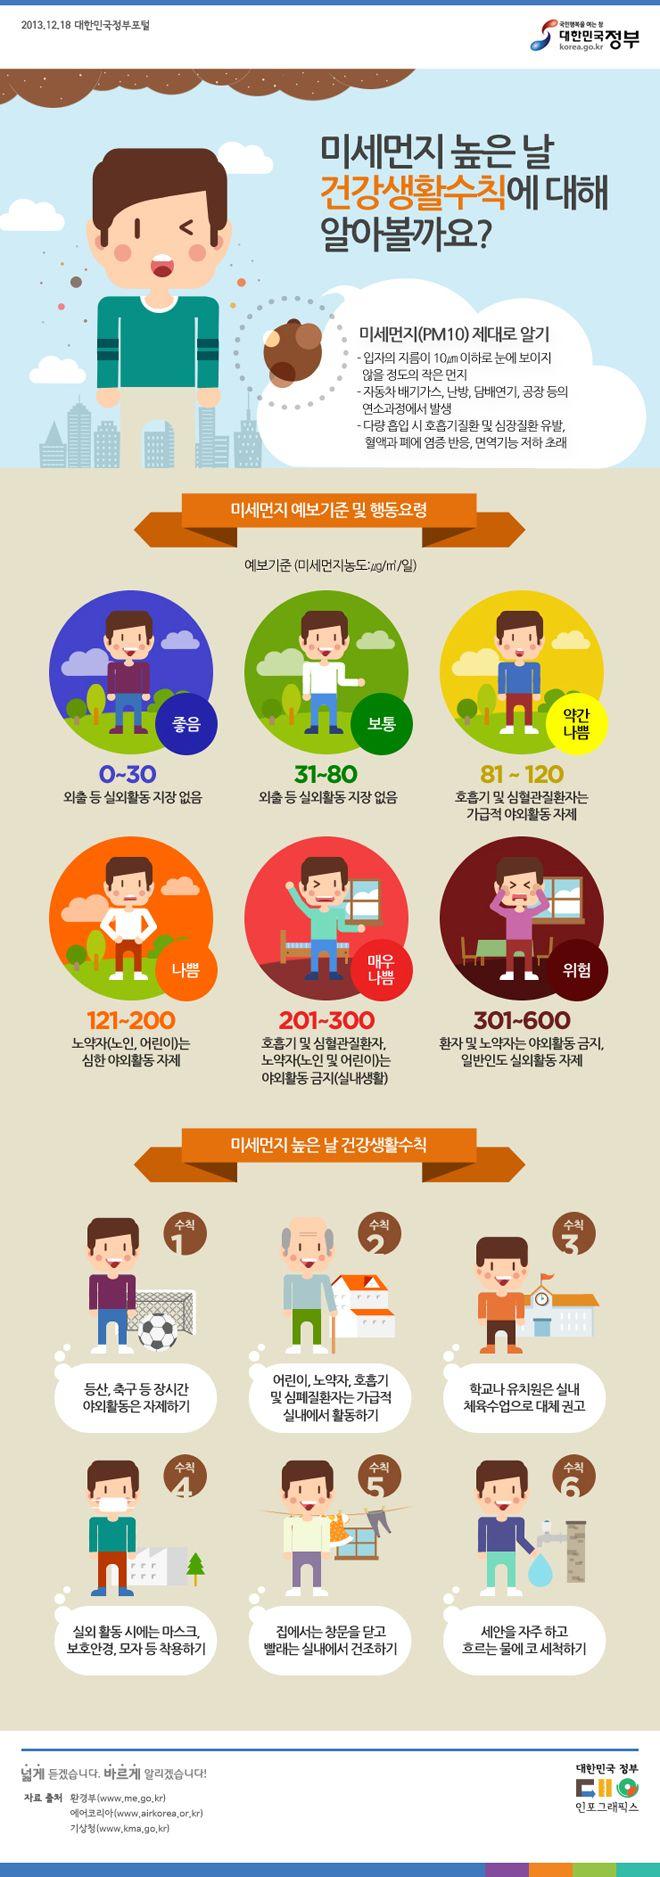 미세먼지에 대처하기 위한 건강생활 수칙! (출처: 대한민국 정부포털)